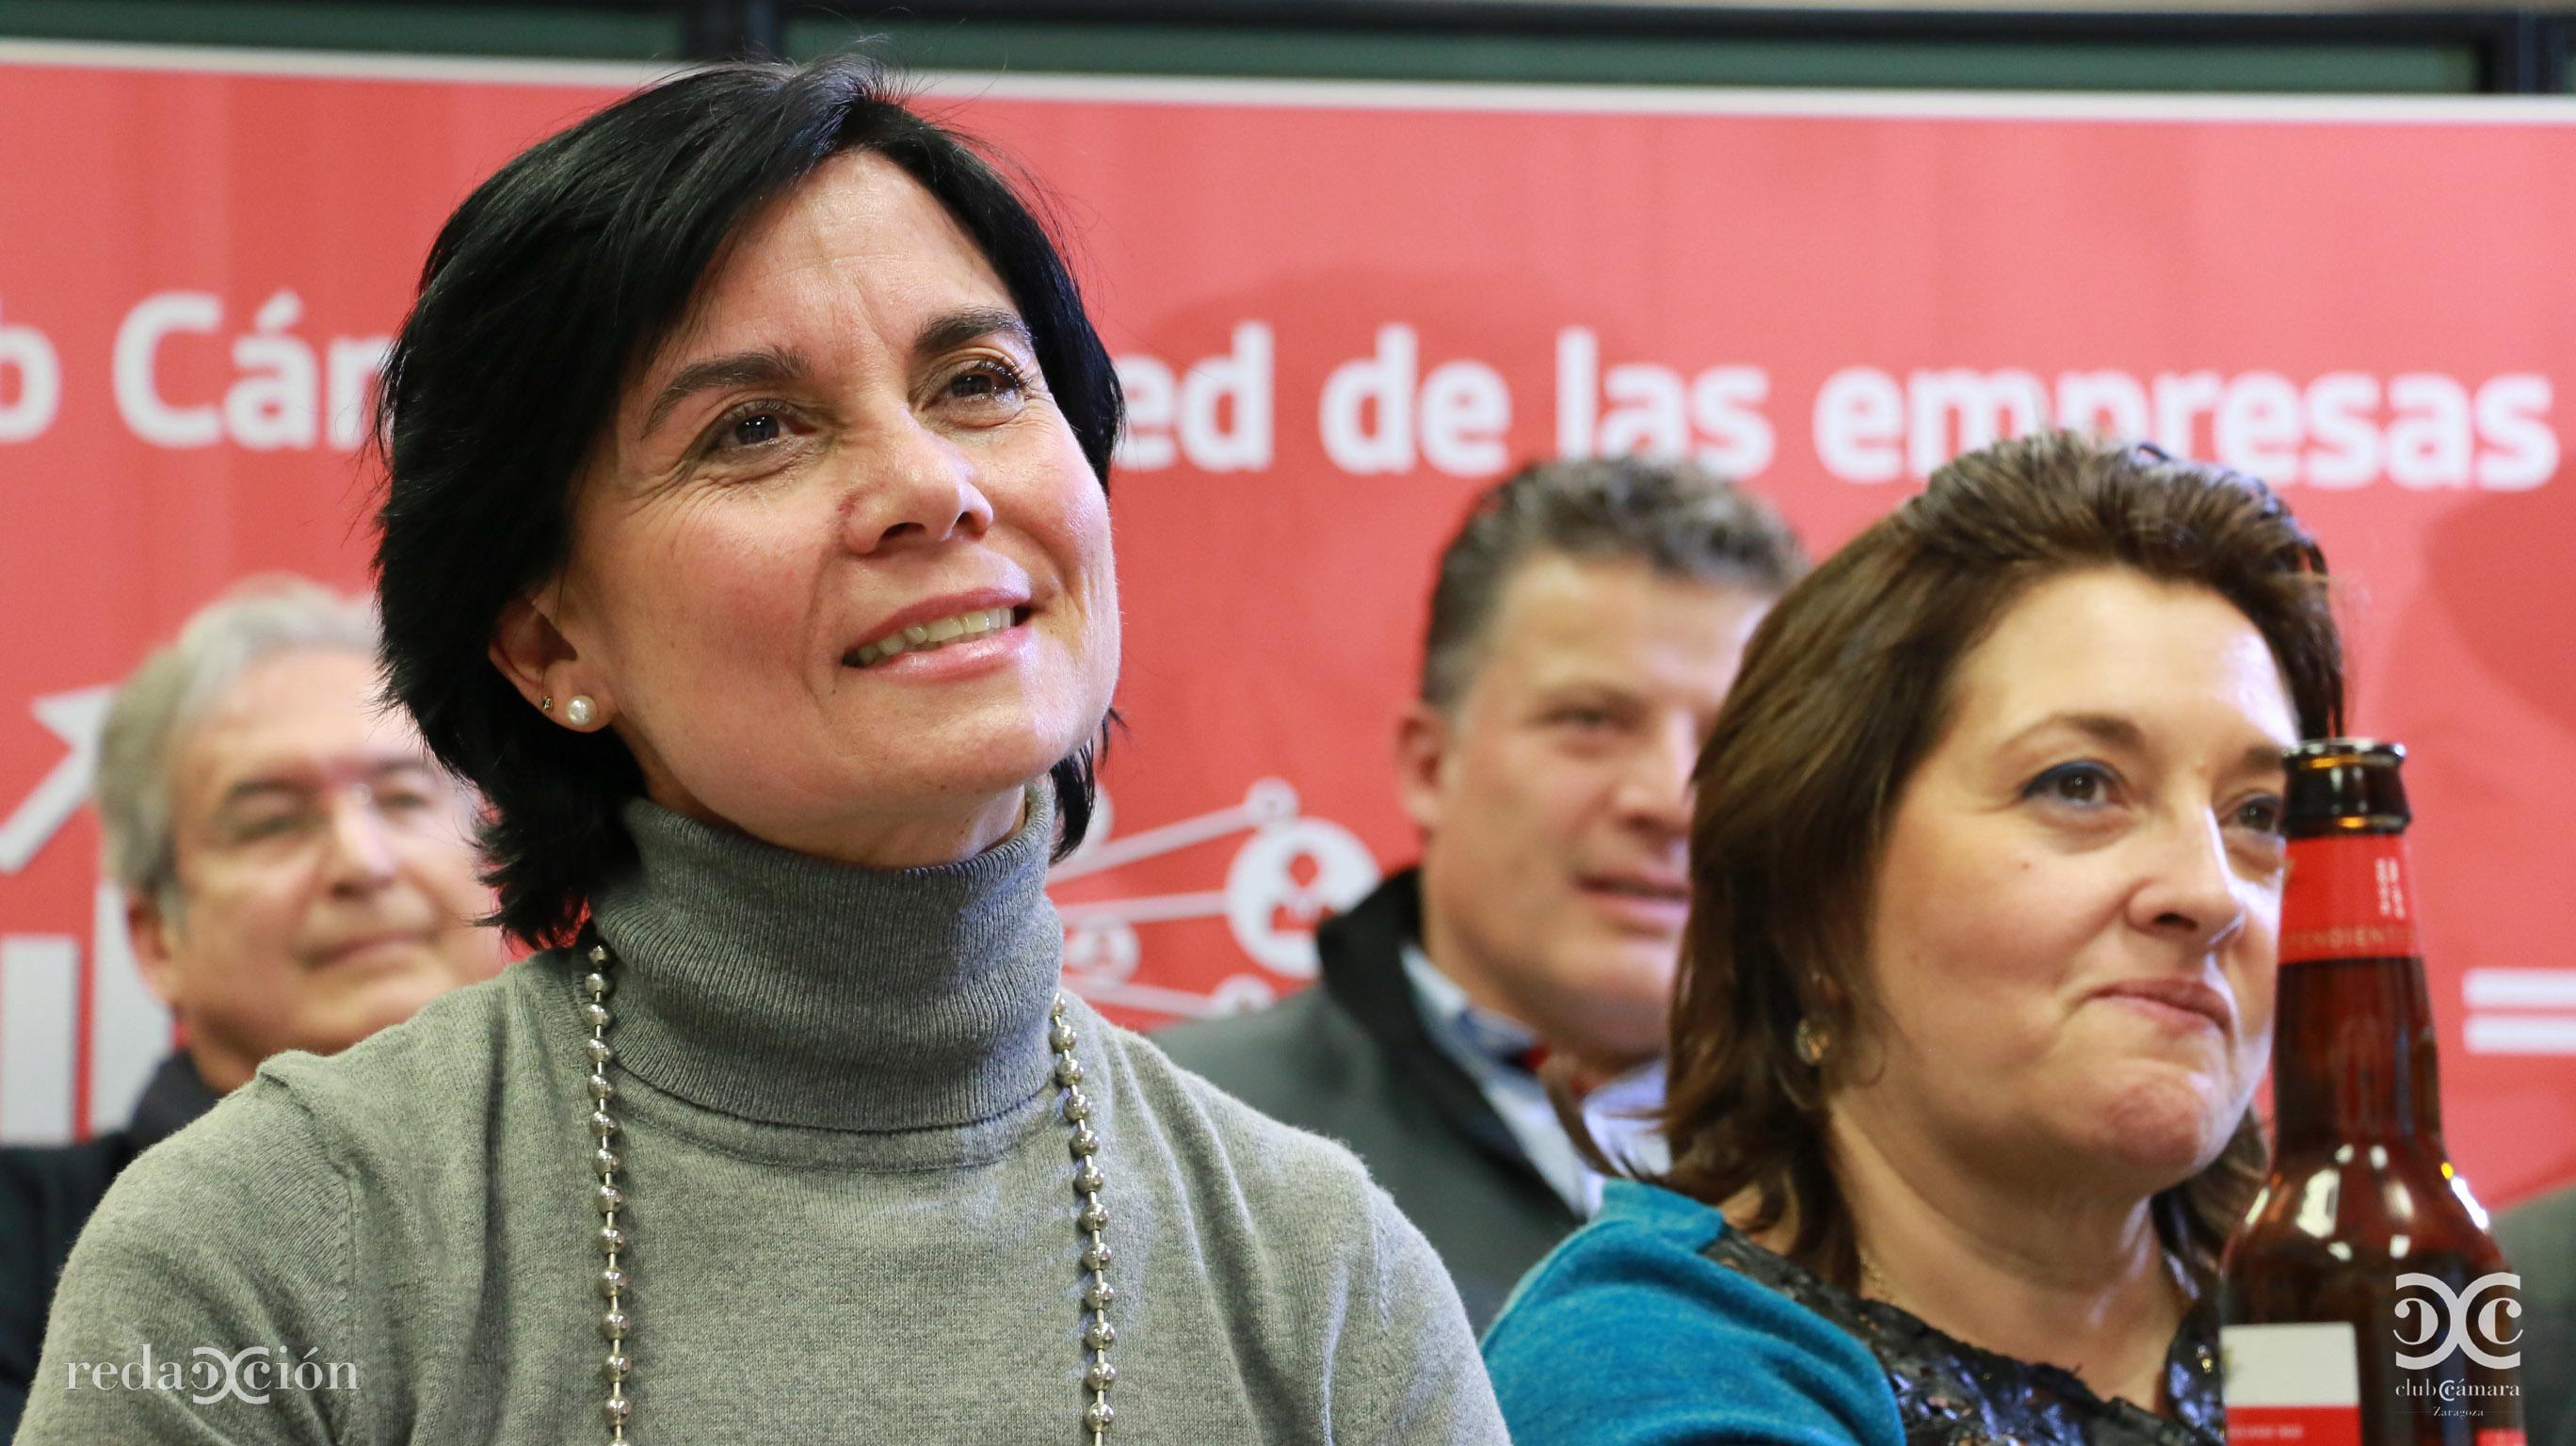 Beatriz Giménez Atades